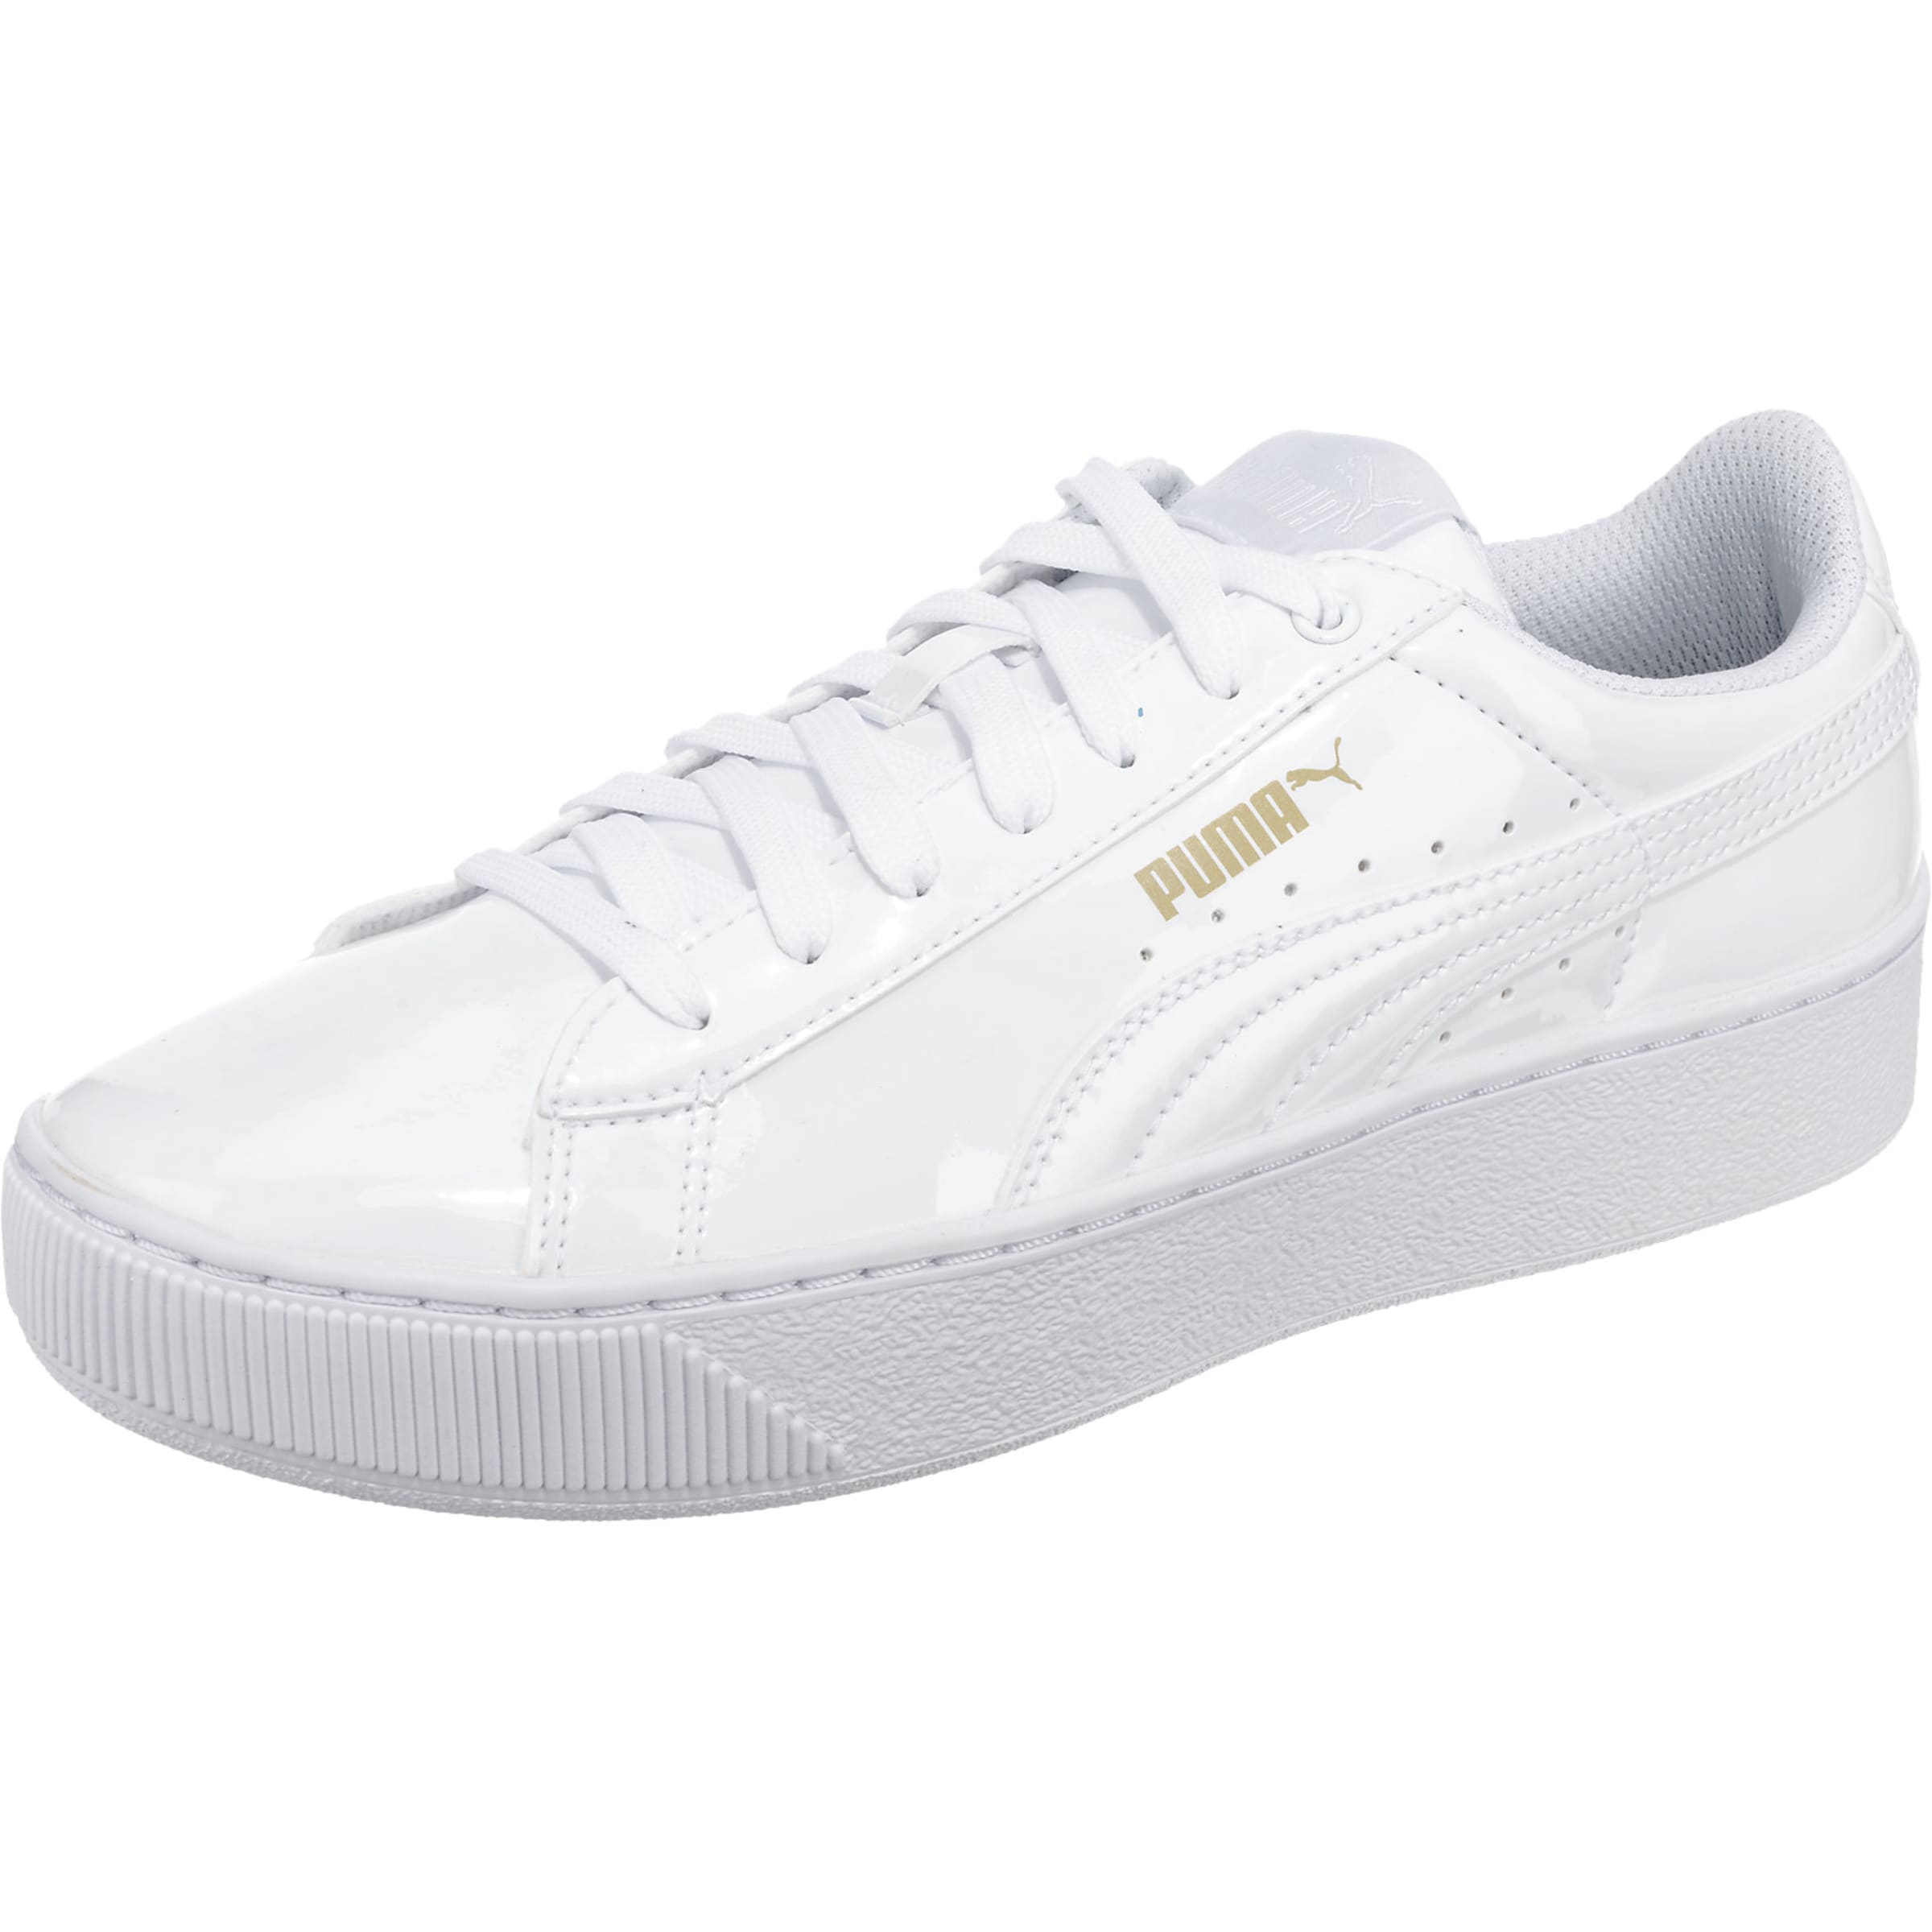 PUMA 'Vikky Platform Patent' Sneakers Wiki Verkauf Online Limited Edition Günstig Online Günstig Kaufen Best Pick Verkauf Finish Manchester Zum Verkauf T0aalmIJnL